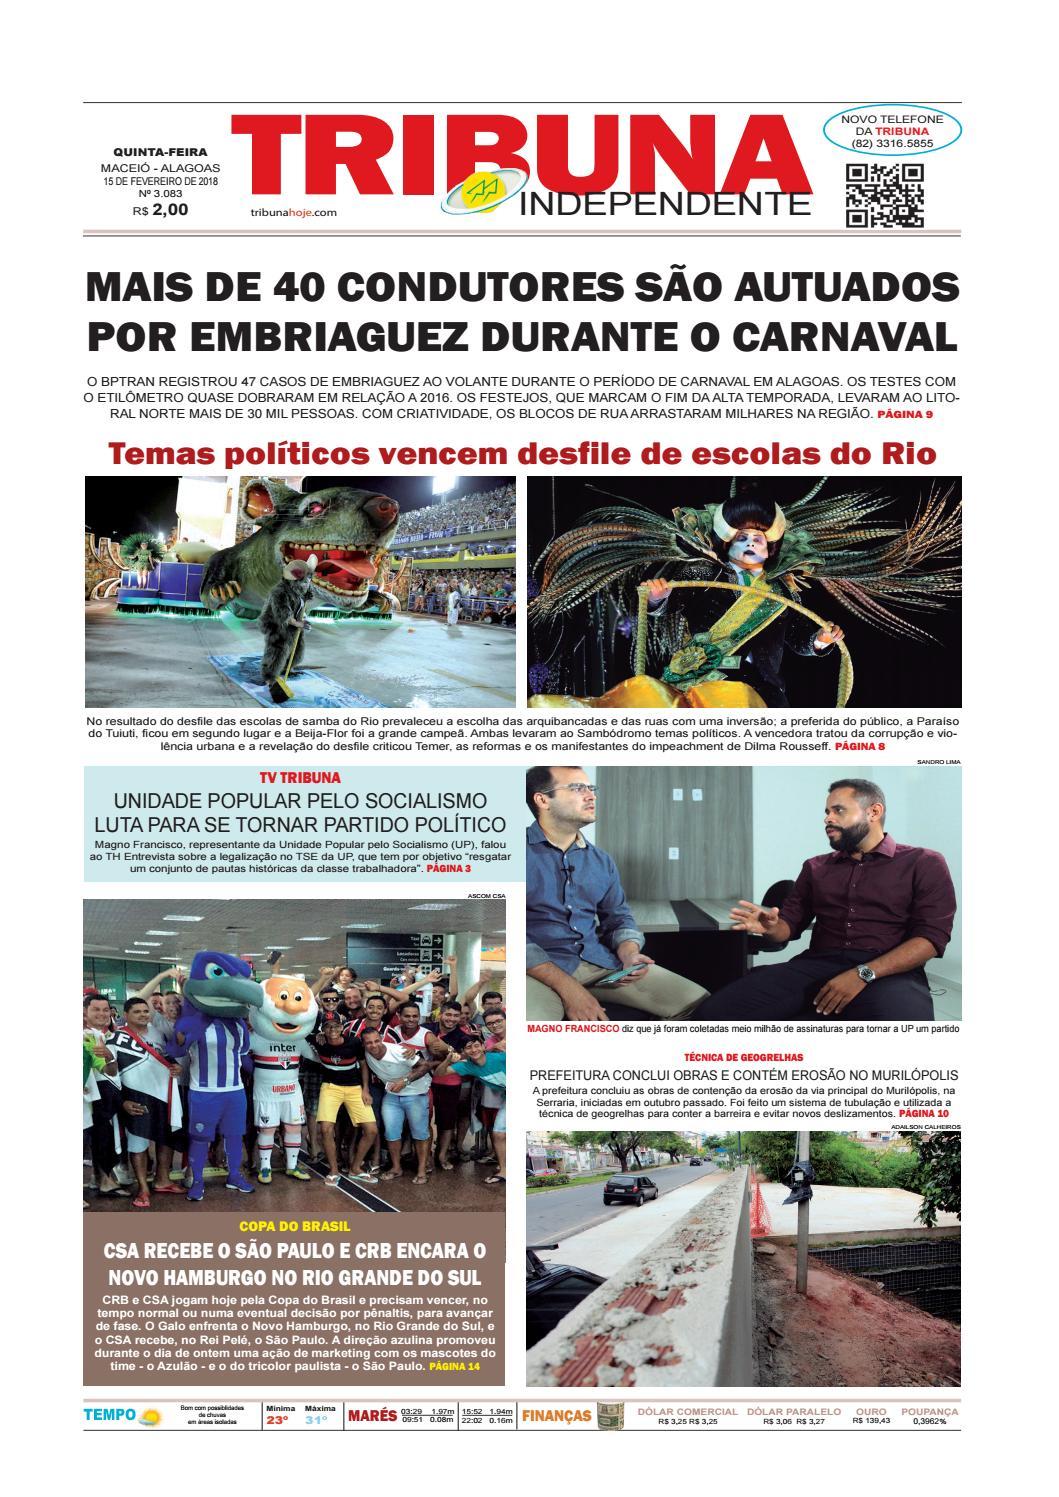 9e341fe468fb0 Edição número 3083 - 15 de fevereiro de 2018 by Tribuna Hoje - issuu